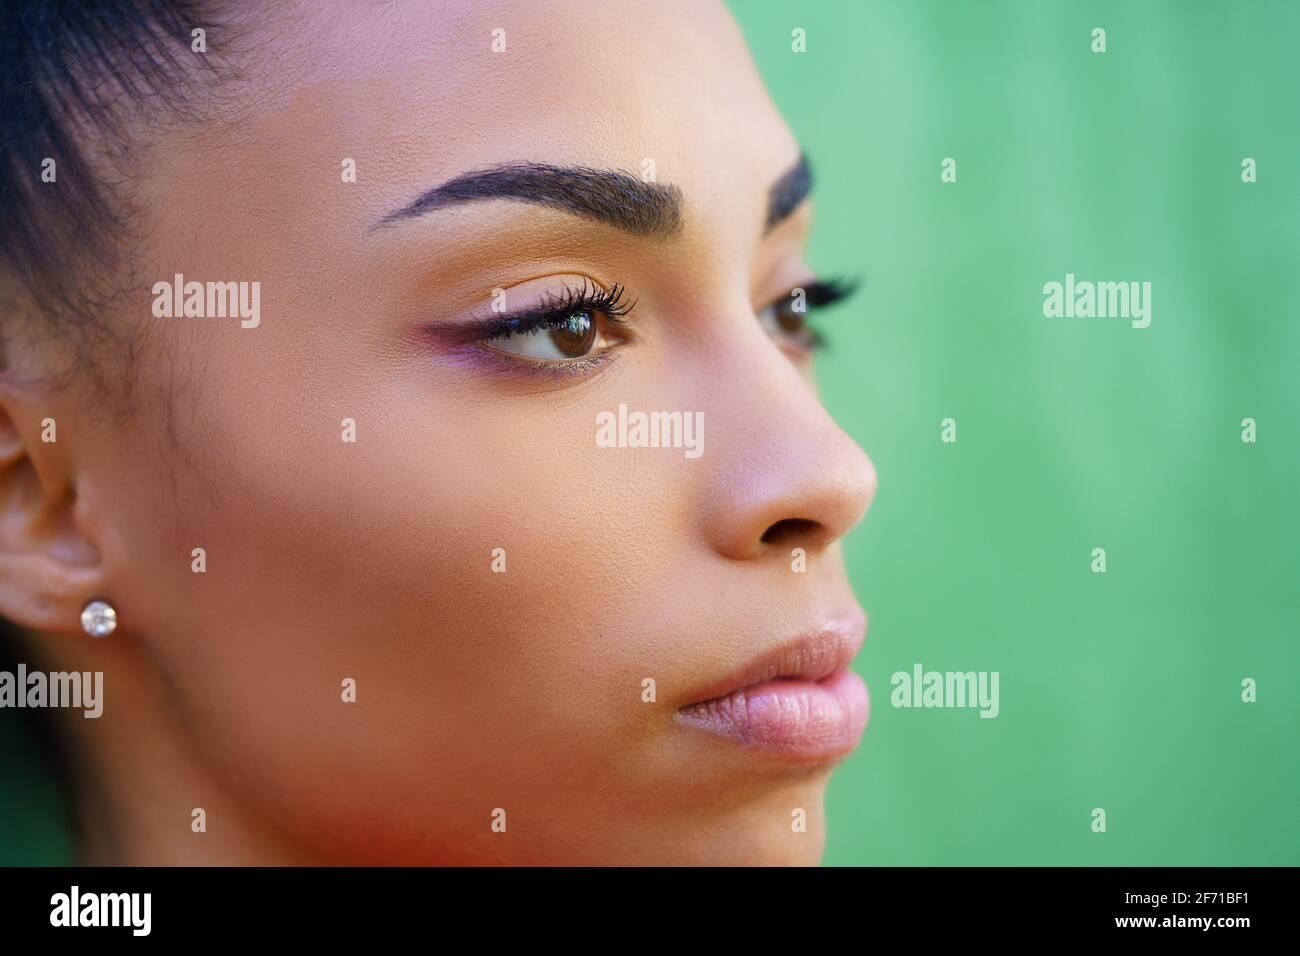 Nahaufnahme Porträt von schönen jungen schwarzen Mädchen Stockfoto